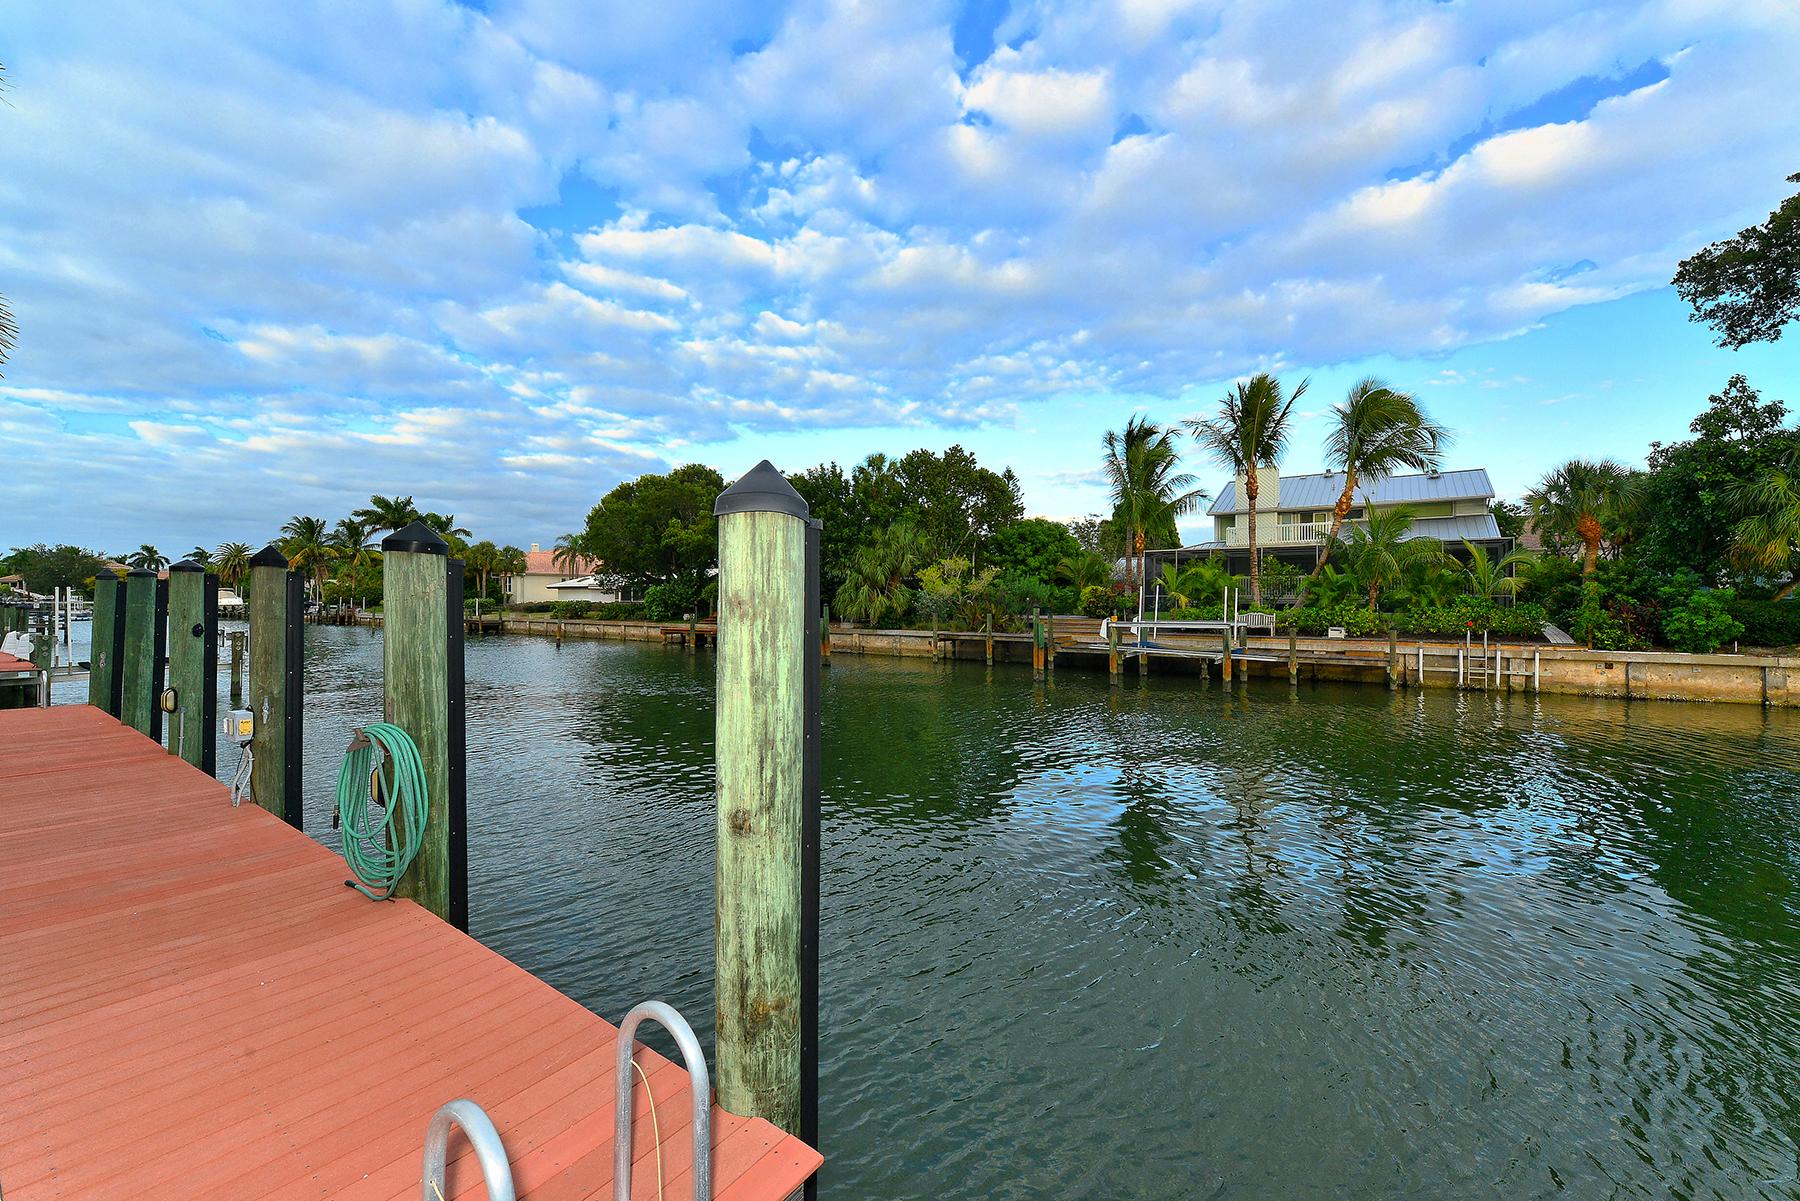 Einfamilienhaus für Verkauf beim BIRD KEY 476 Partridge Cir Bird Key, Sarasota, Florida, 34236 Vereinigte Staaten